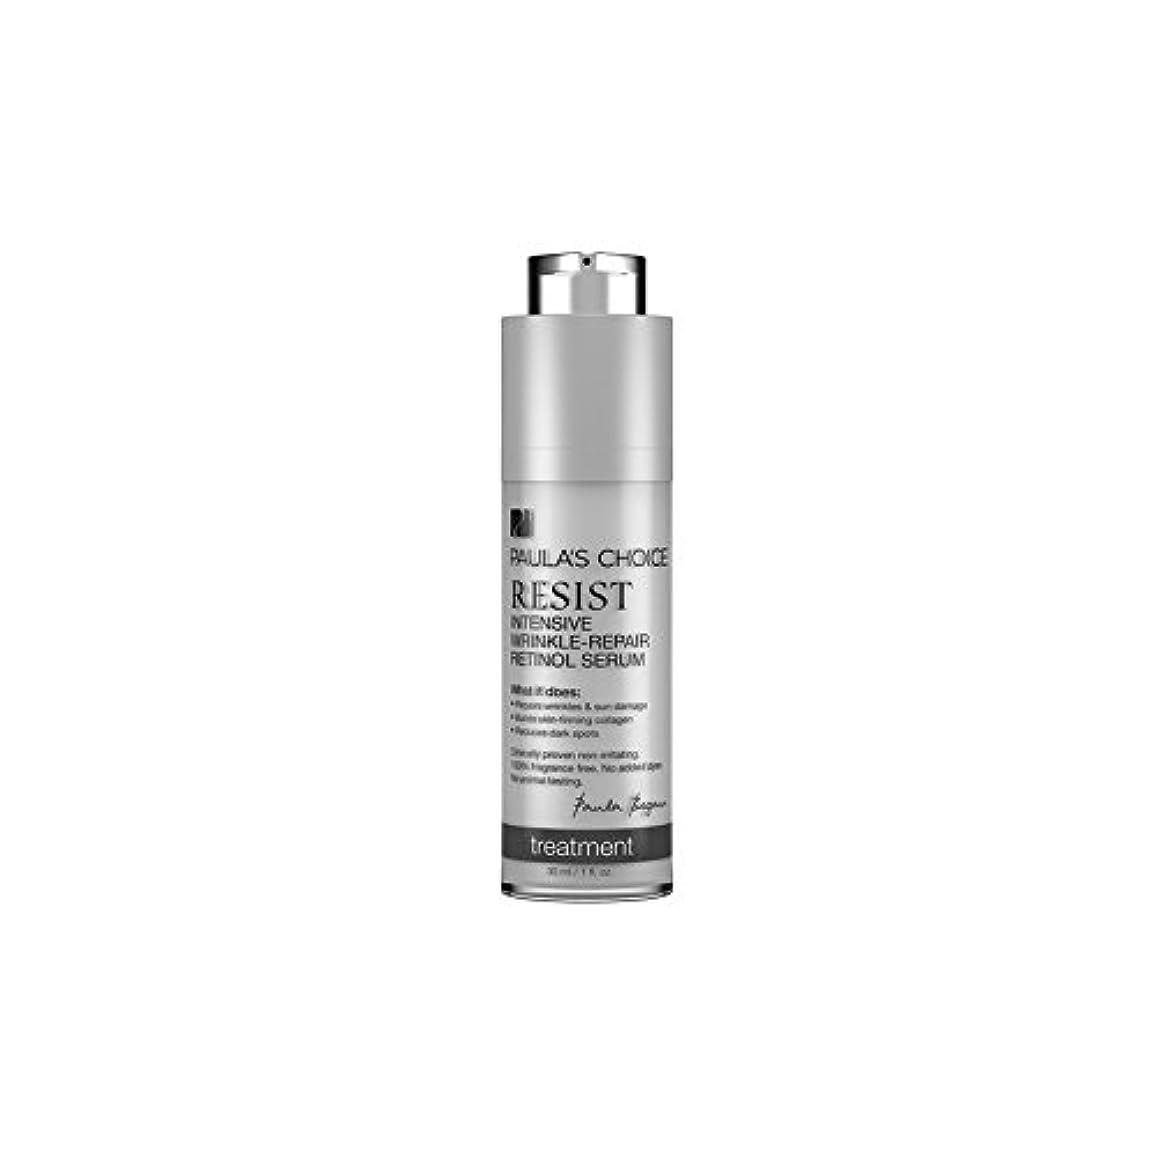 アセンブリ定常カビPaula's Choice Resist Intensive Wrinkle-Repair Retinol Serum (30ml) - ポーラチョイスは、集中的なしわ修復レチノール血清(30ミリリットル)を抵抗します...